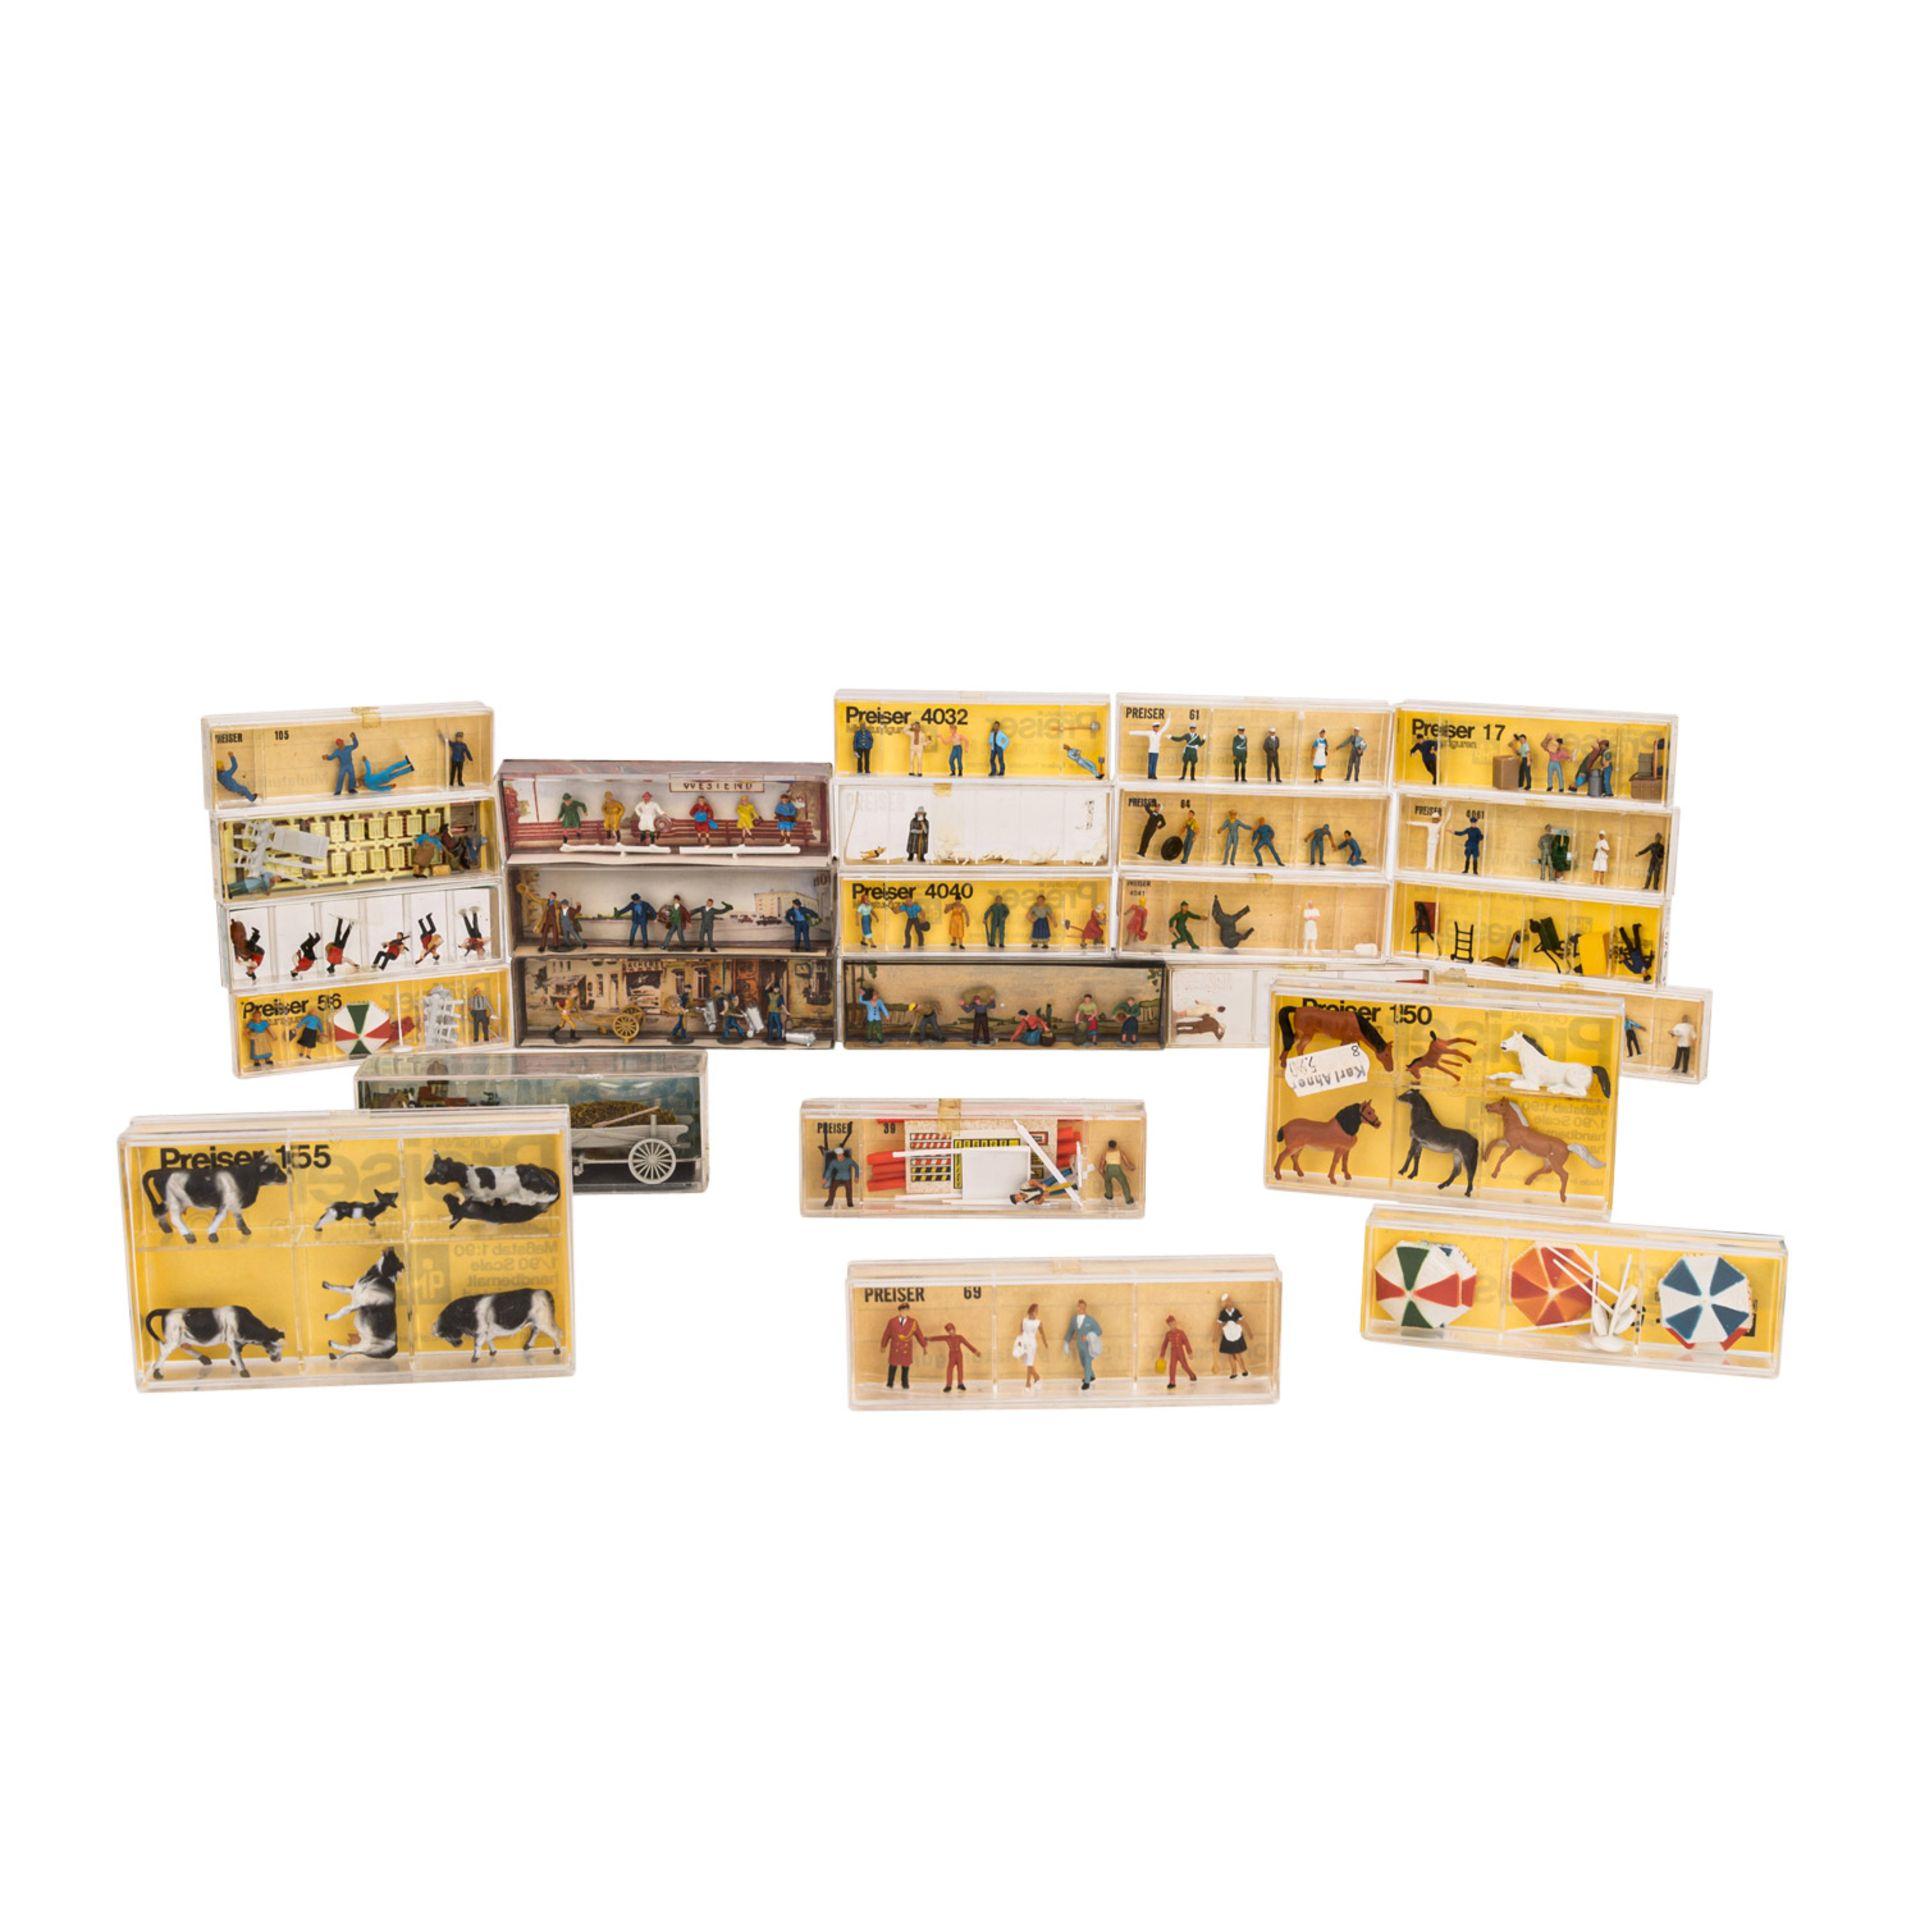 PREISER/MERTEN Konvolut von 25 Miniaturfiguren- und Zubehörsets im Maßstab H0,25 ver